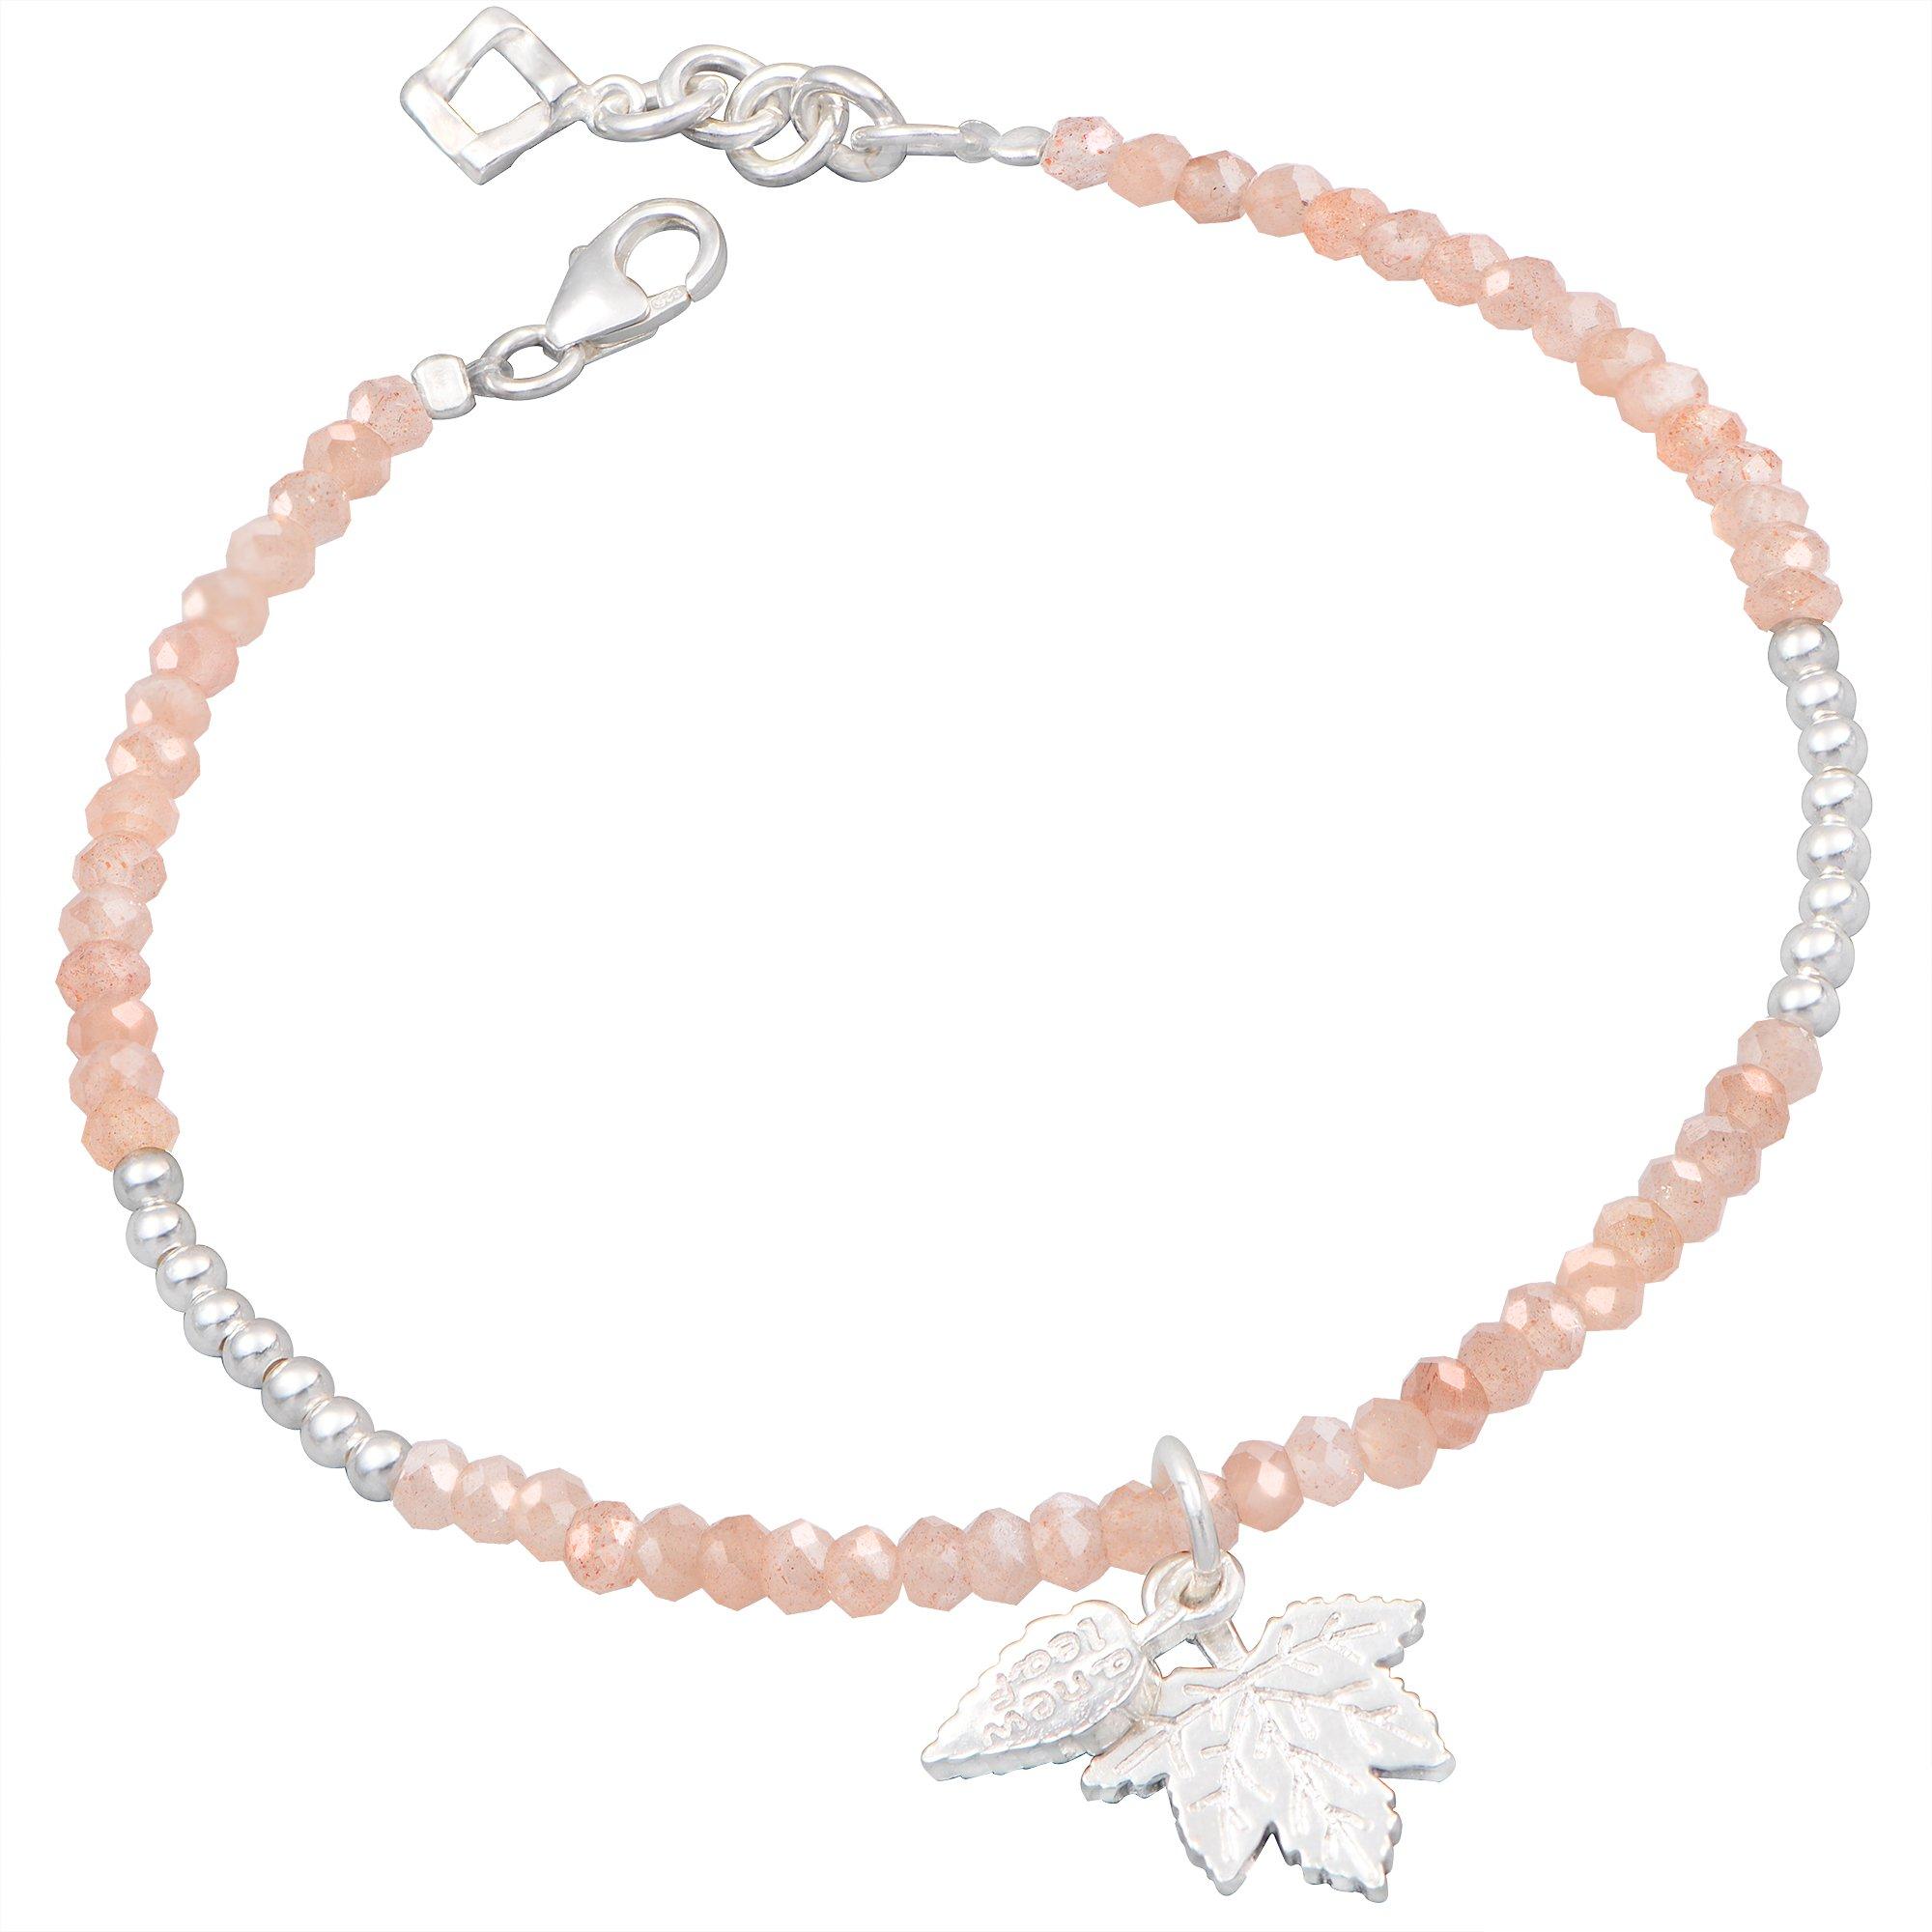 Orange Sunstone Handmade Sliver Gemstone Beads Jewelry Bracelet